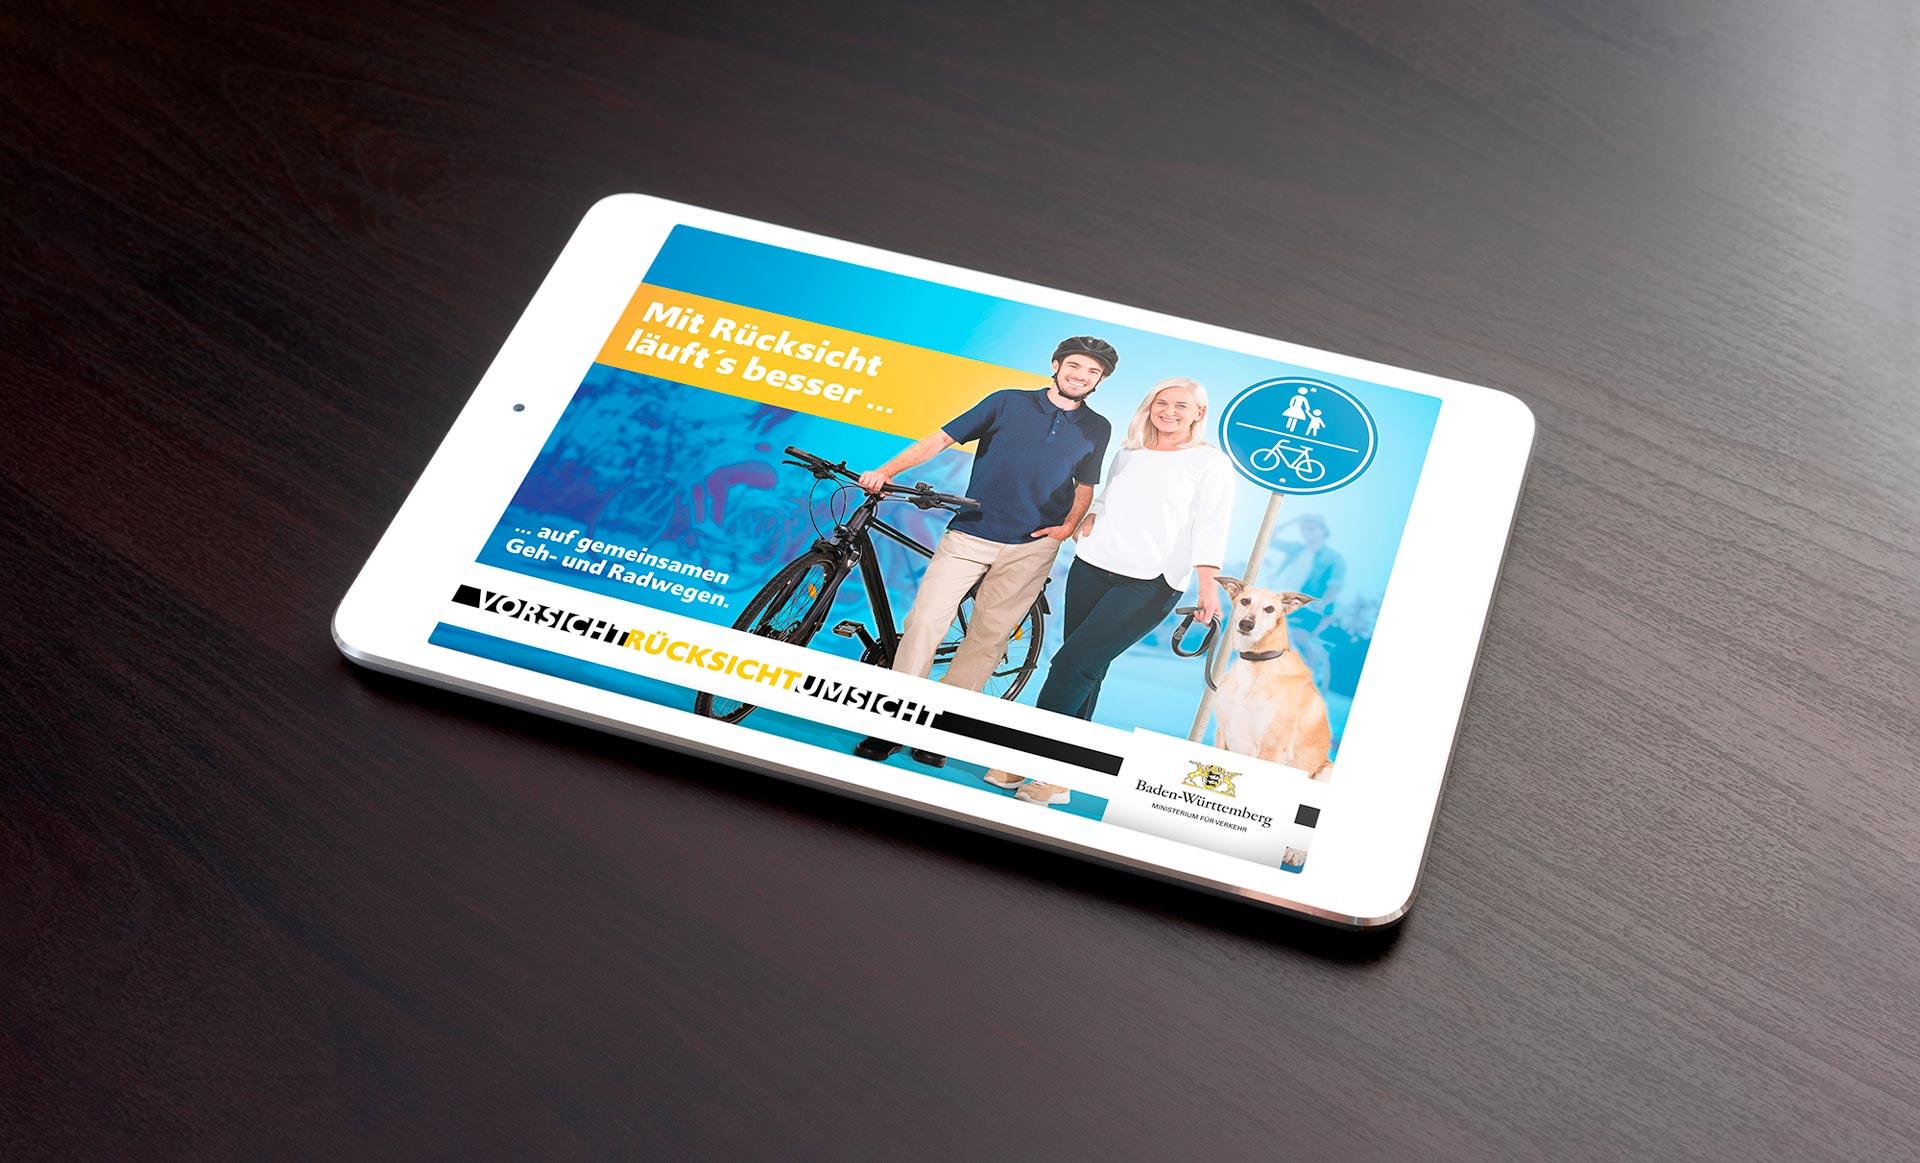 Motiv der neuen Werbekampagne für das Verkehrsministerium Baden-Württemberg: Mit Rücksicht läuf'ts besser ... auf gemeinsamen Geh- und Radwegen. Vorsicht. Rücksicht. Umsicht